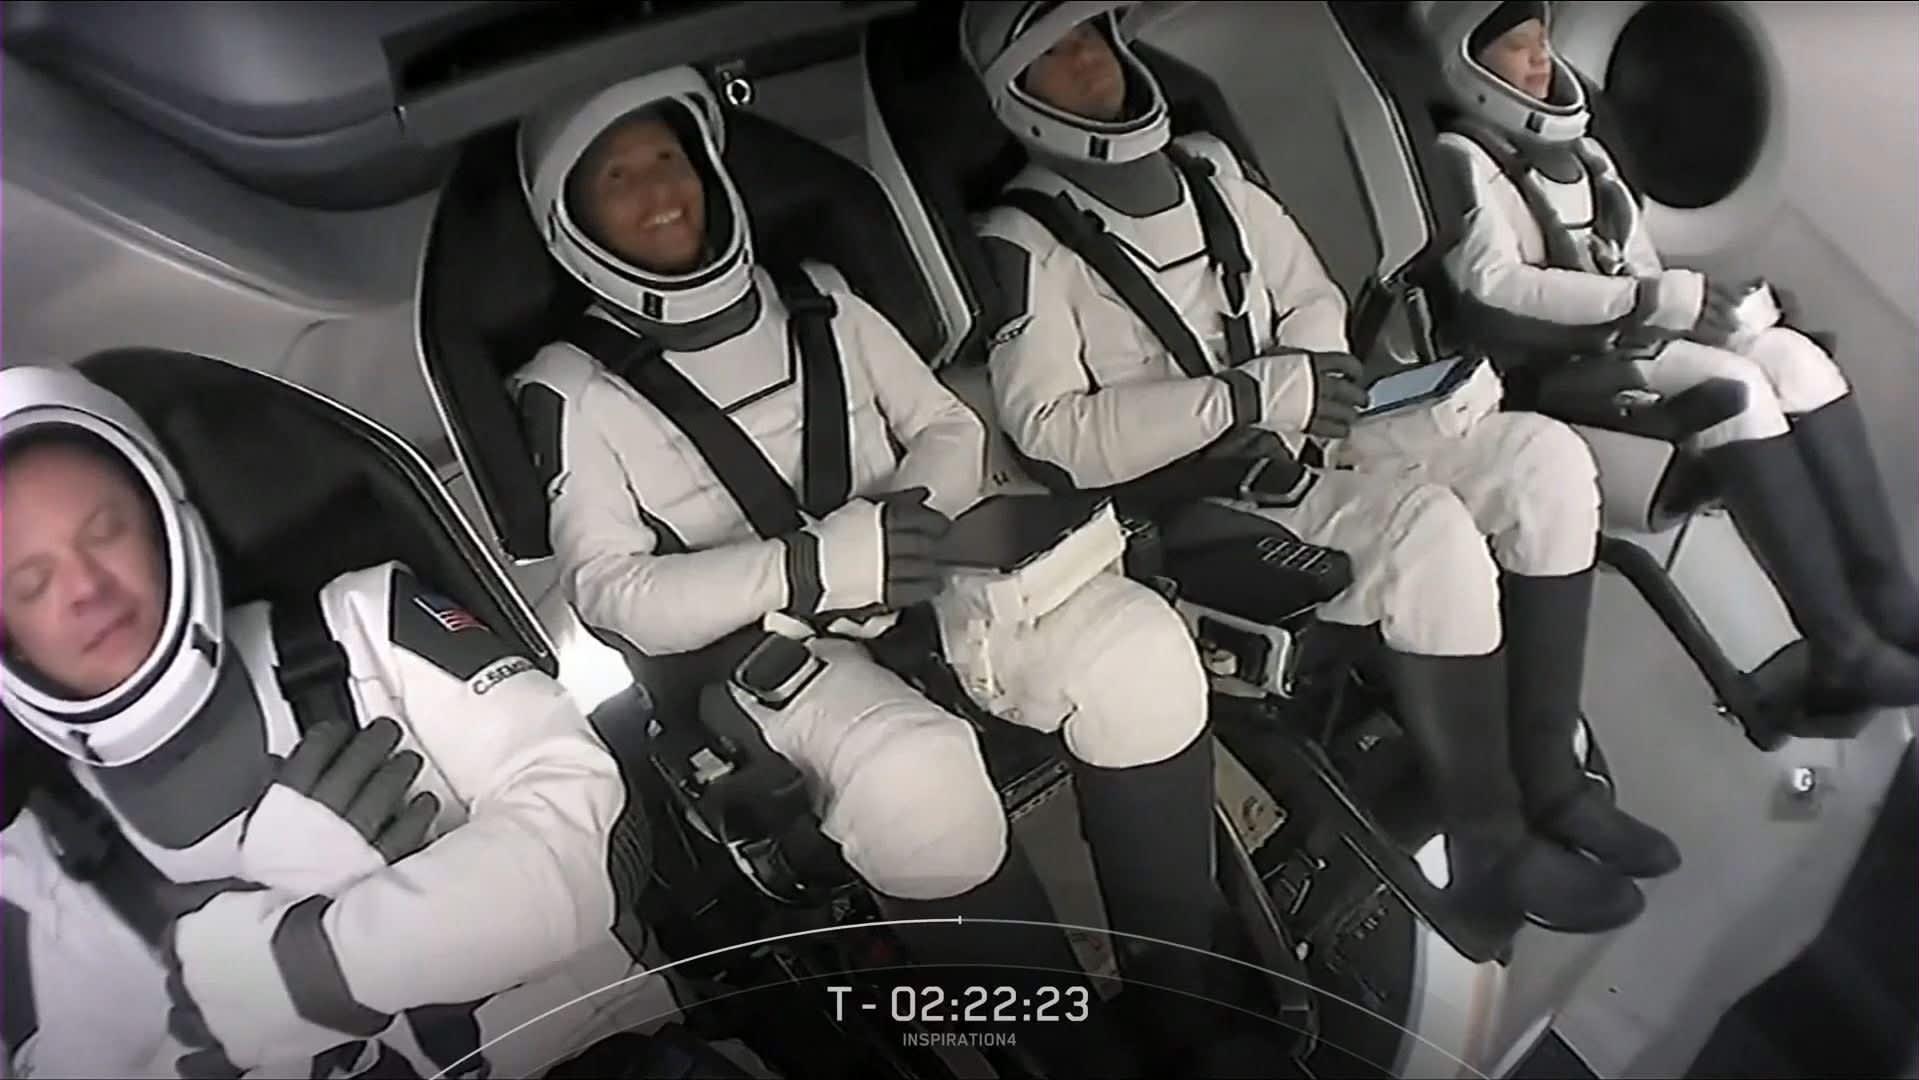 Ensimmäiset avaruusturistit pääsivät kiertoradalle